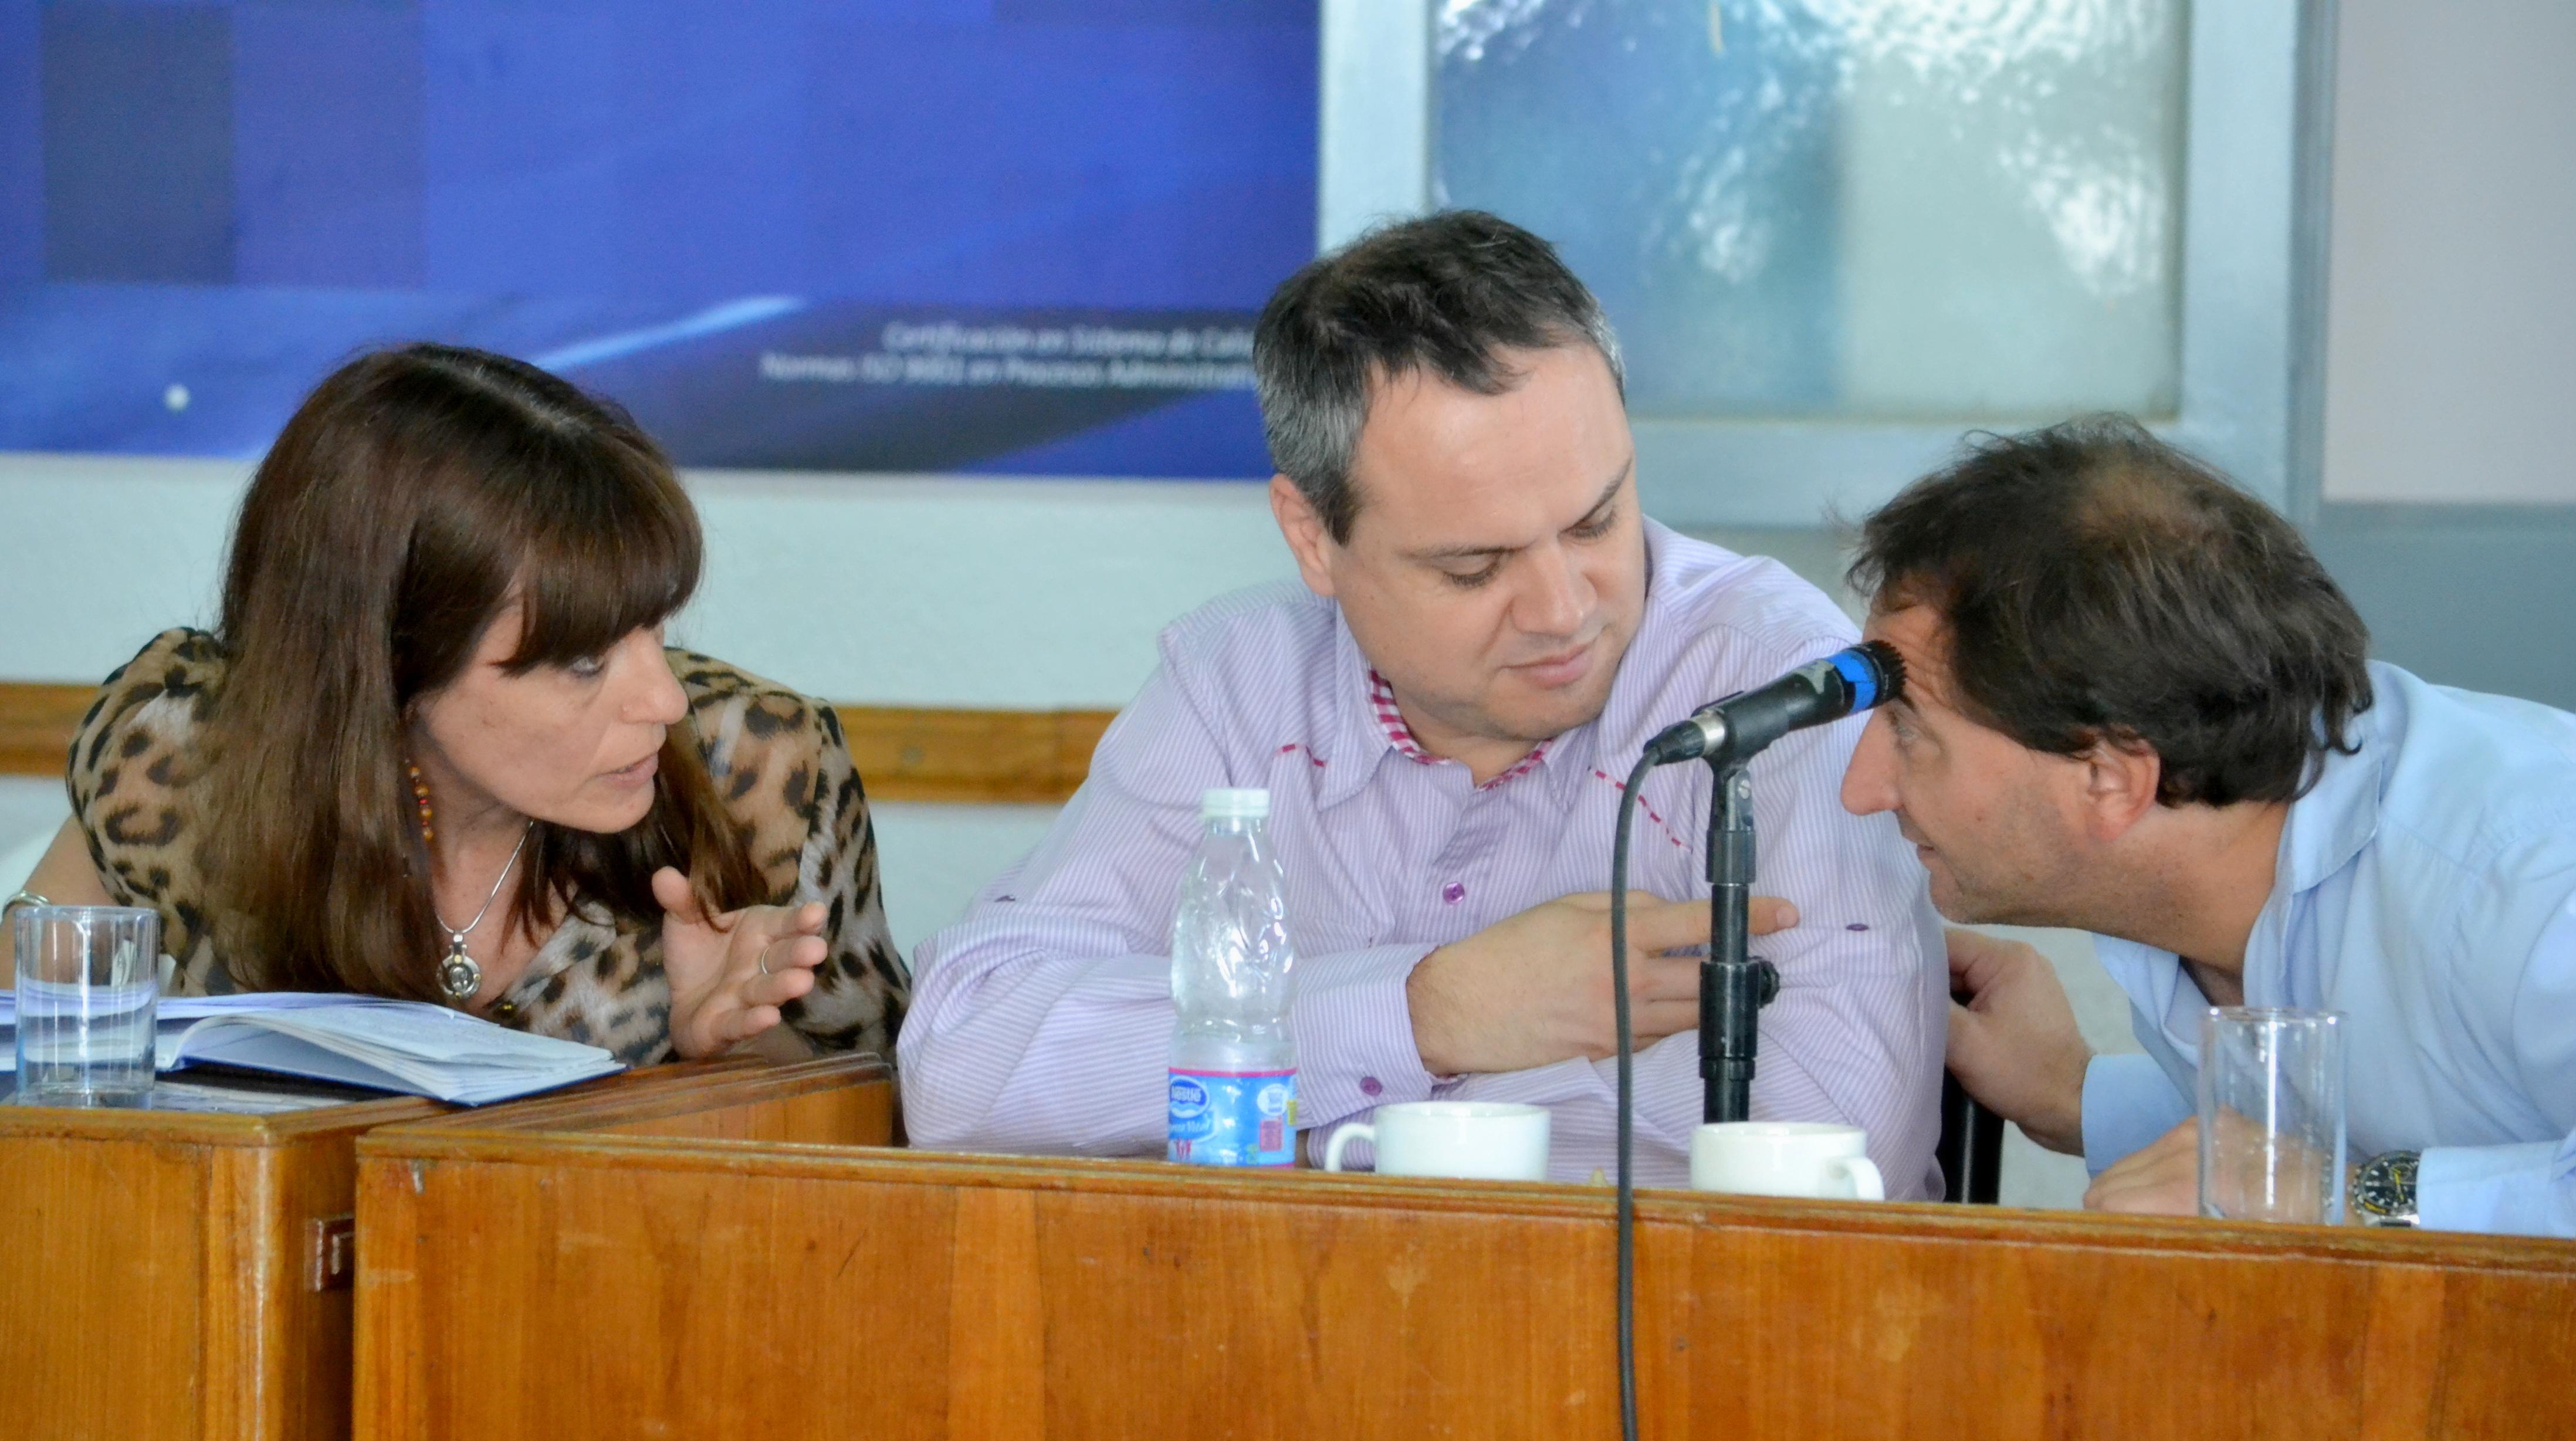 El H.C.D analiza la creación de un Observatorio de Seguridad Ciudadana y Violencia